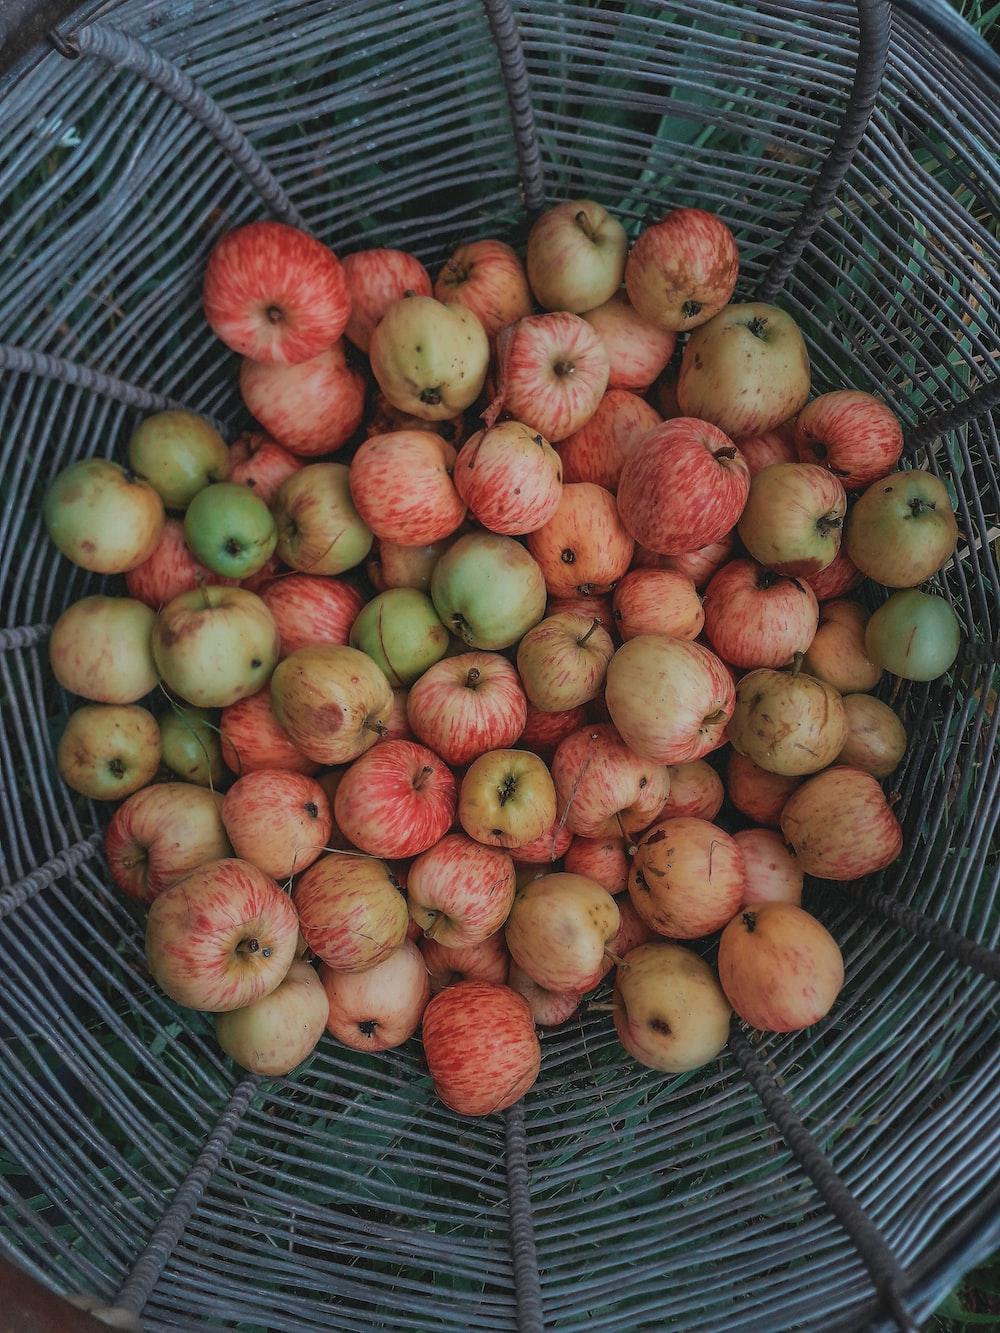 apple lot in basket